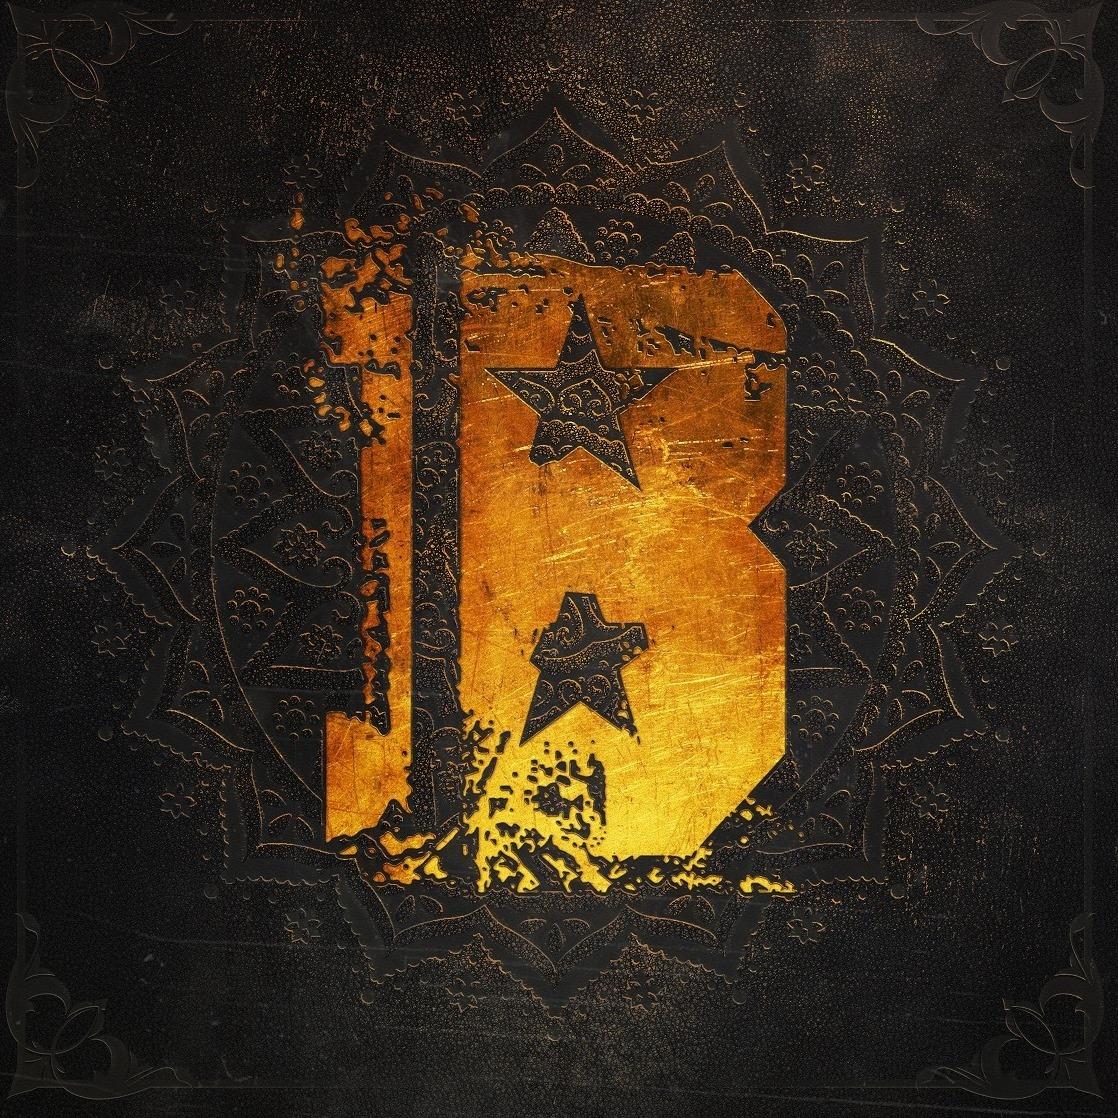 Burnout - Új Évezred Rapszódia<br /><br />A Burnout új lemeze jó példa a húzós modern metal kifejezésre. Élőben talán még jobban sütnek a nóták, mint a korongon, de az Új Évezred Rapszódia otthon döngetve sem vall szégyent.